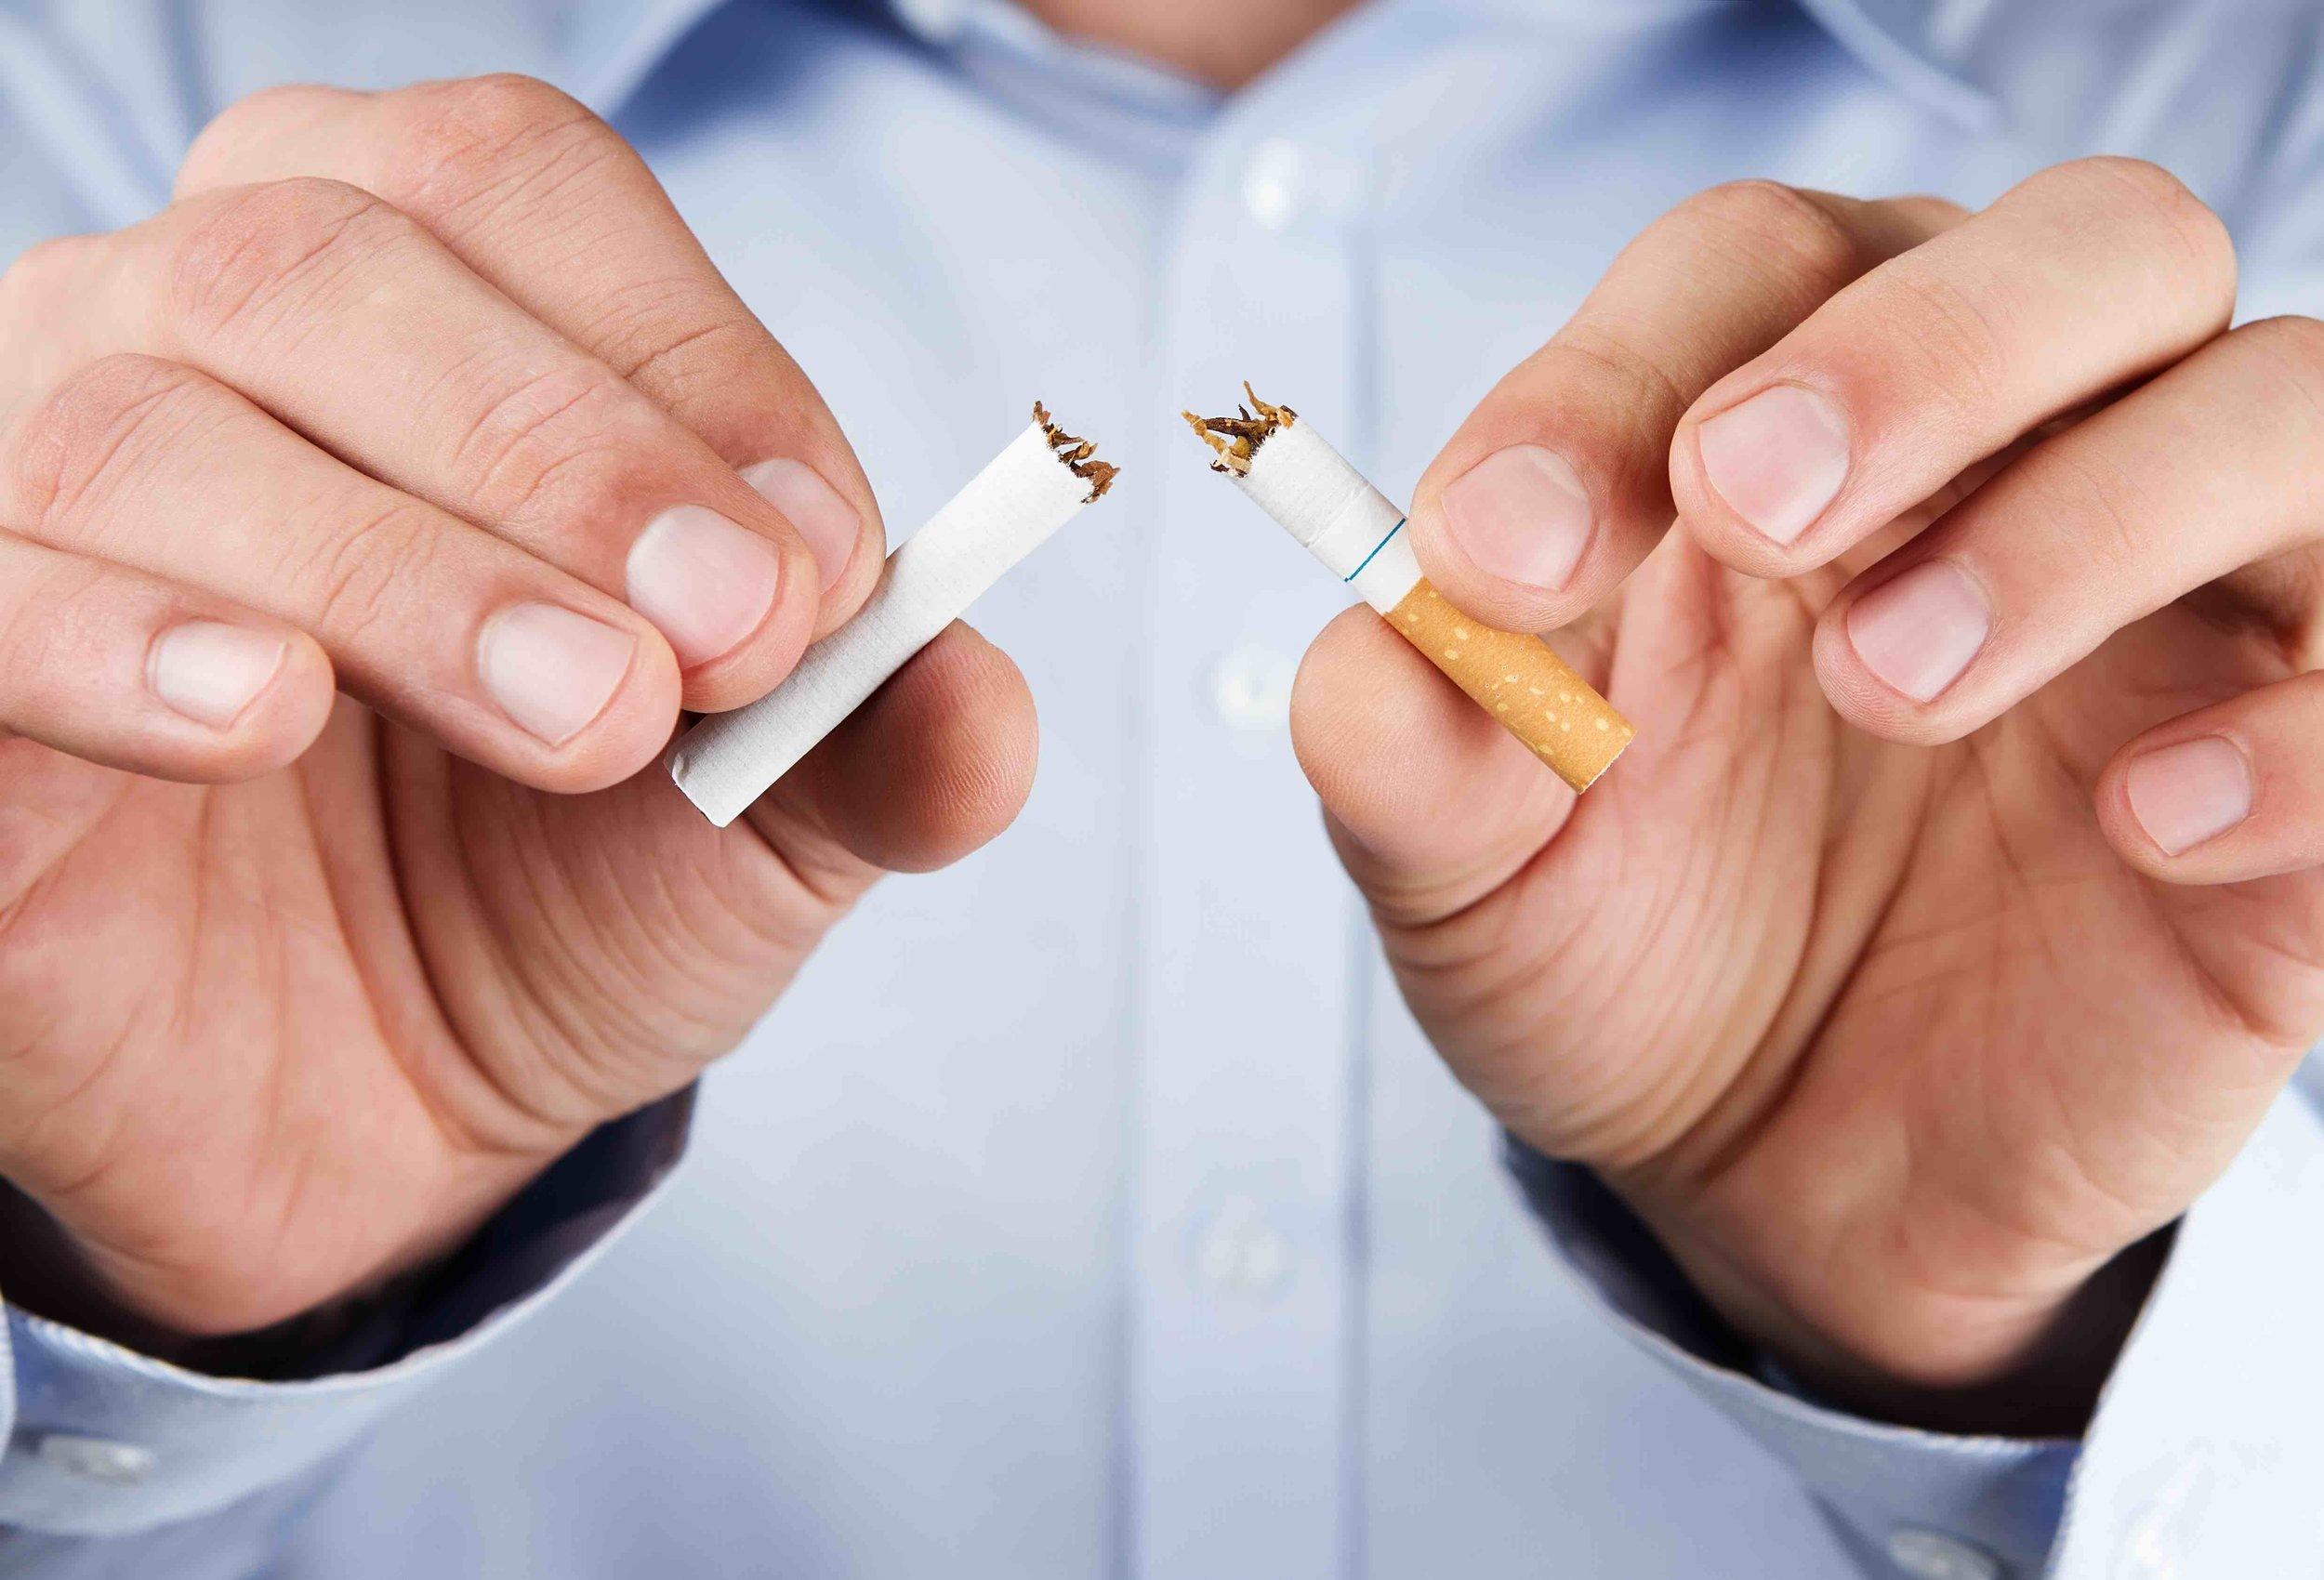 Hör heute noch auf und beginne dein neues Leben. Rauchentwöhnung ohne Gewichtszunahmen und ohne Schmacht nach der nächsten Zigarette ist möglich.